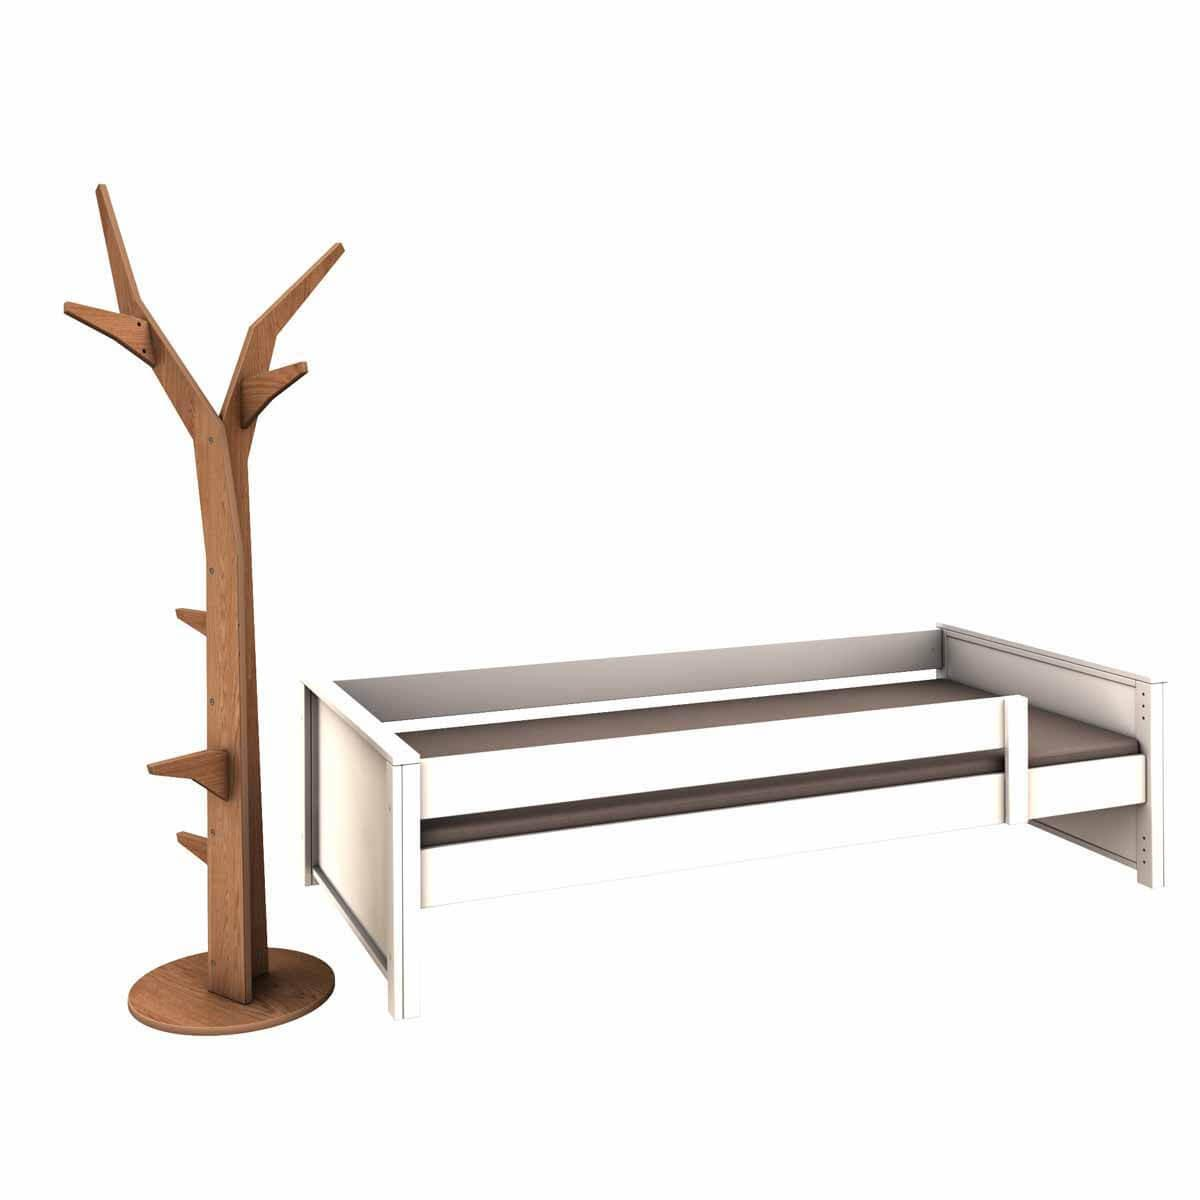 Cama-sofá protección anticaídas baja-árbol perchero KASVA haya lacado blanco